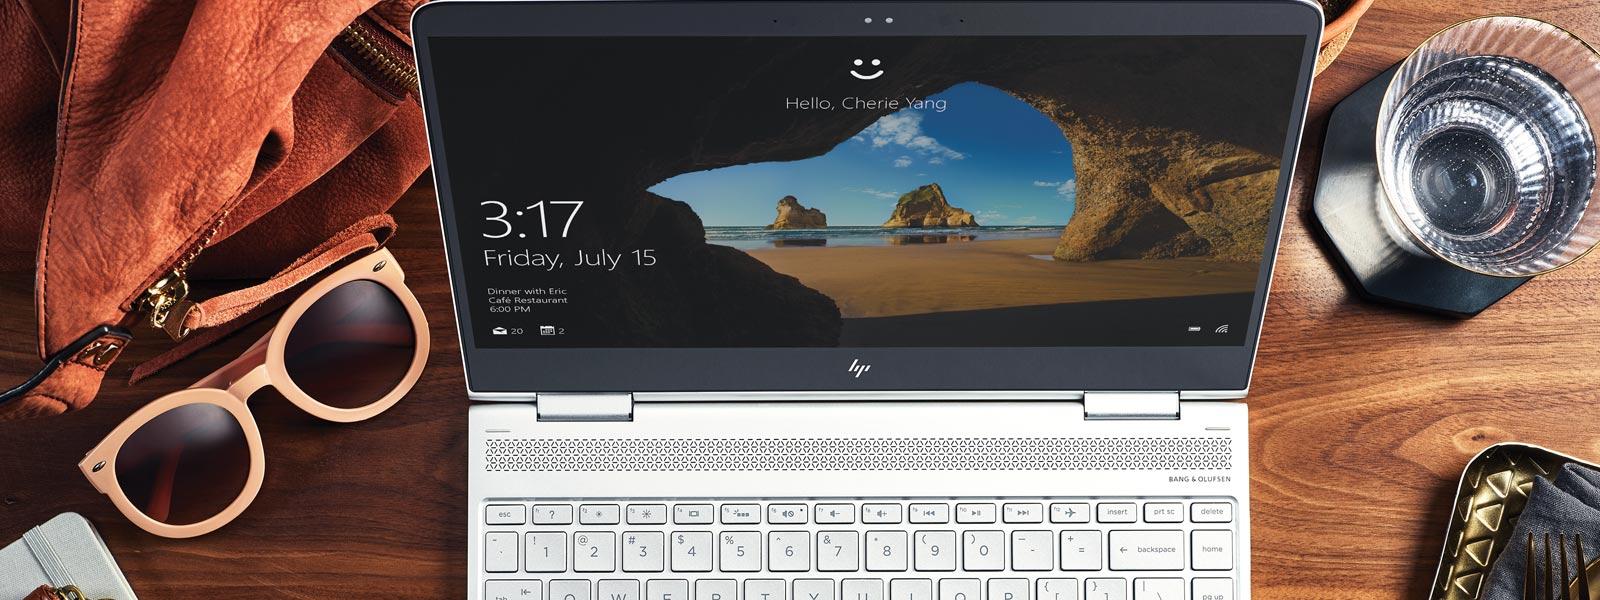 Visão geral do dispositivo Windows 10 em uma mesa